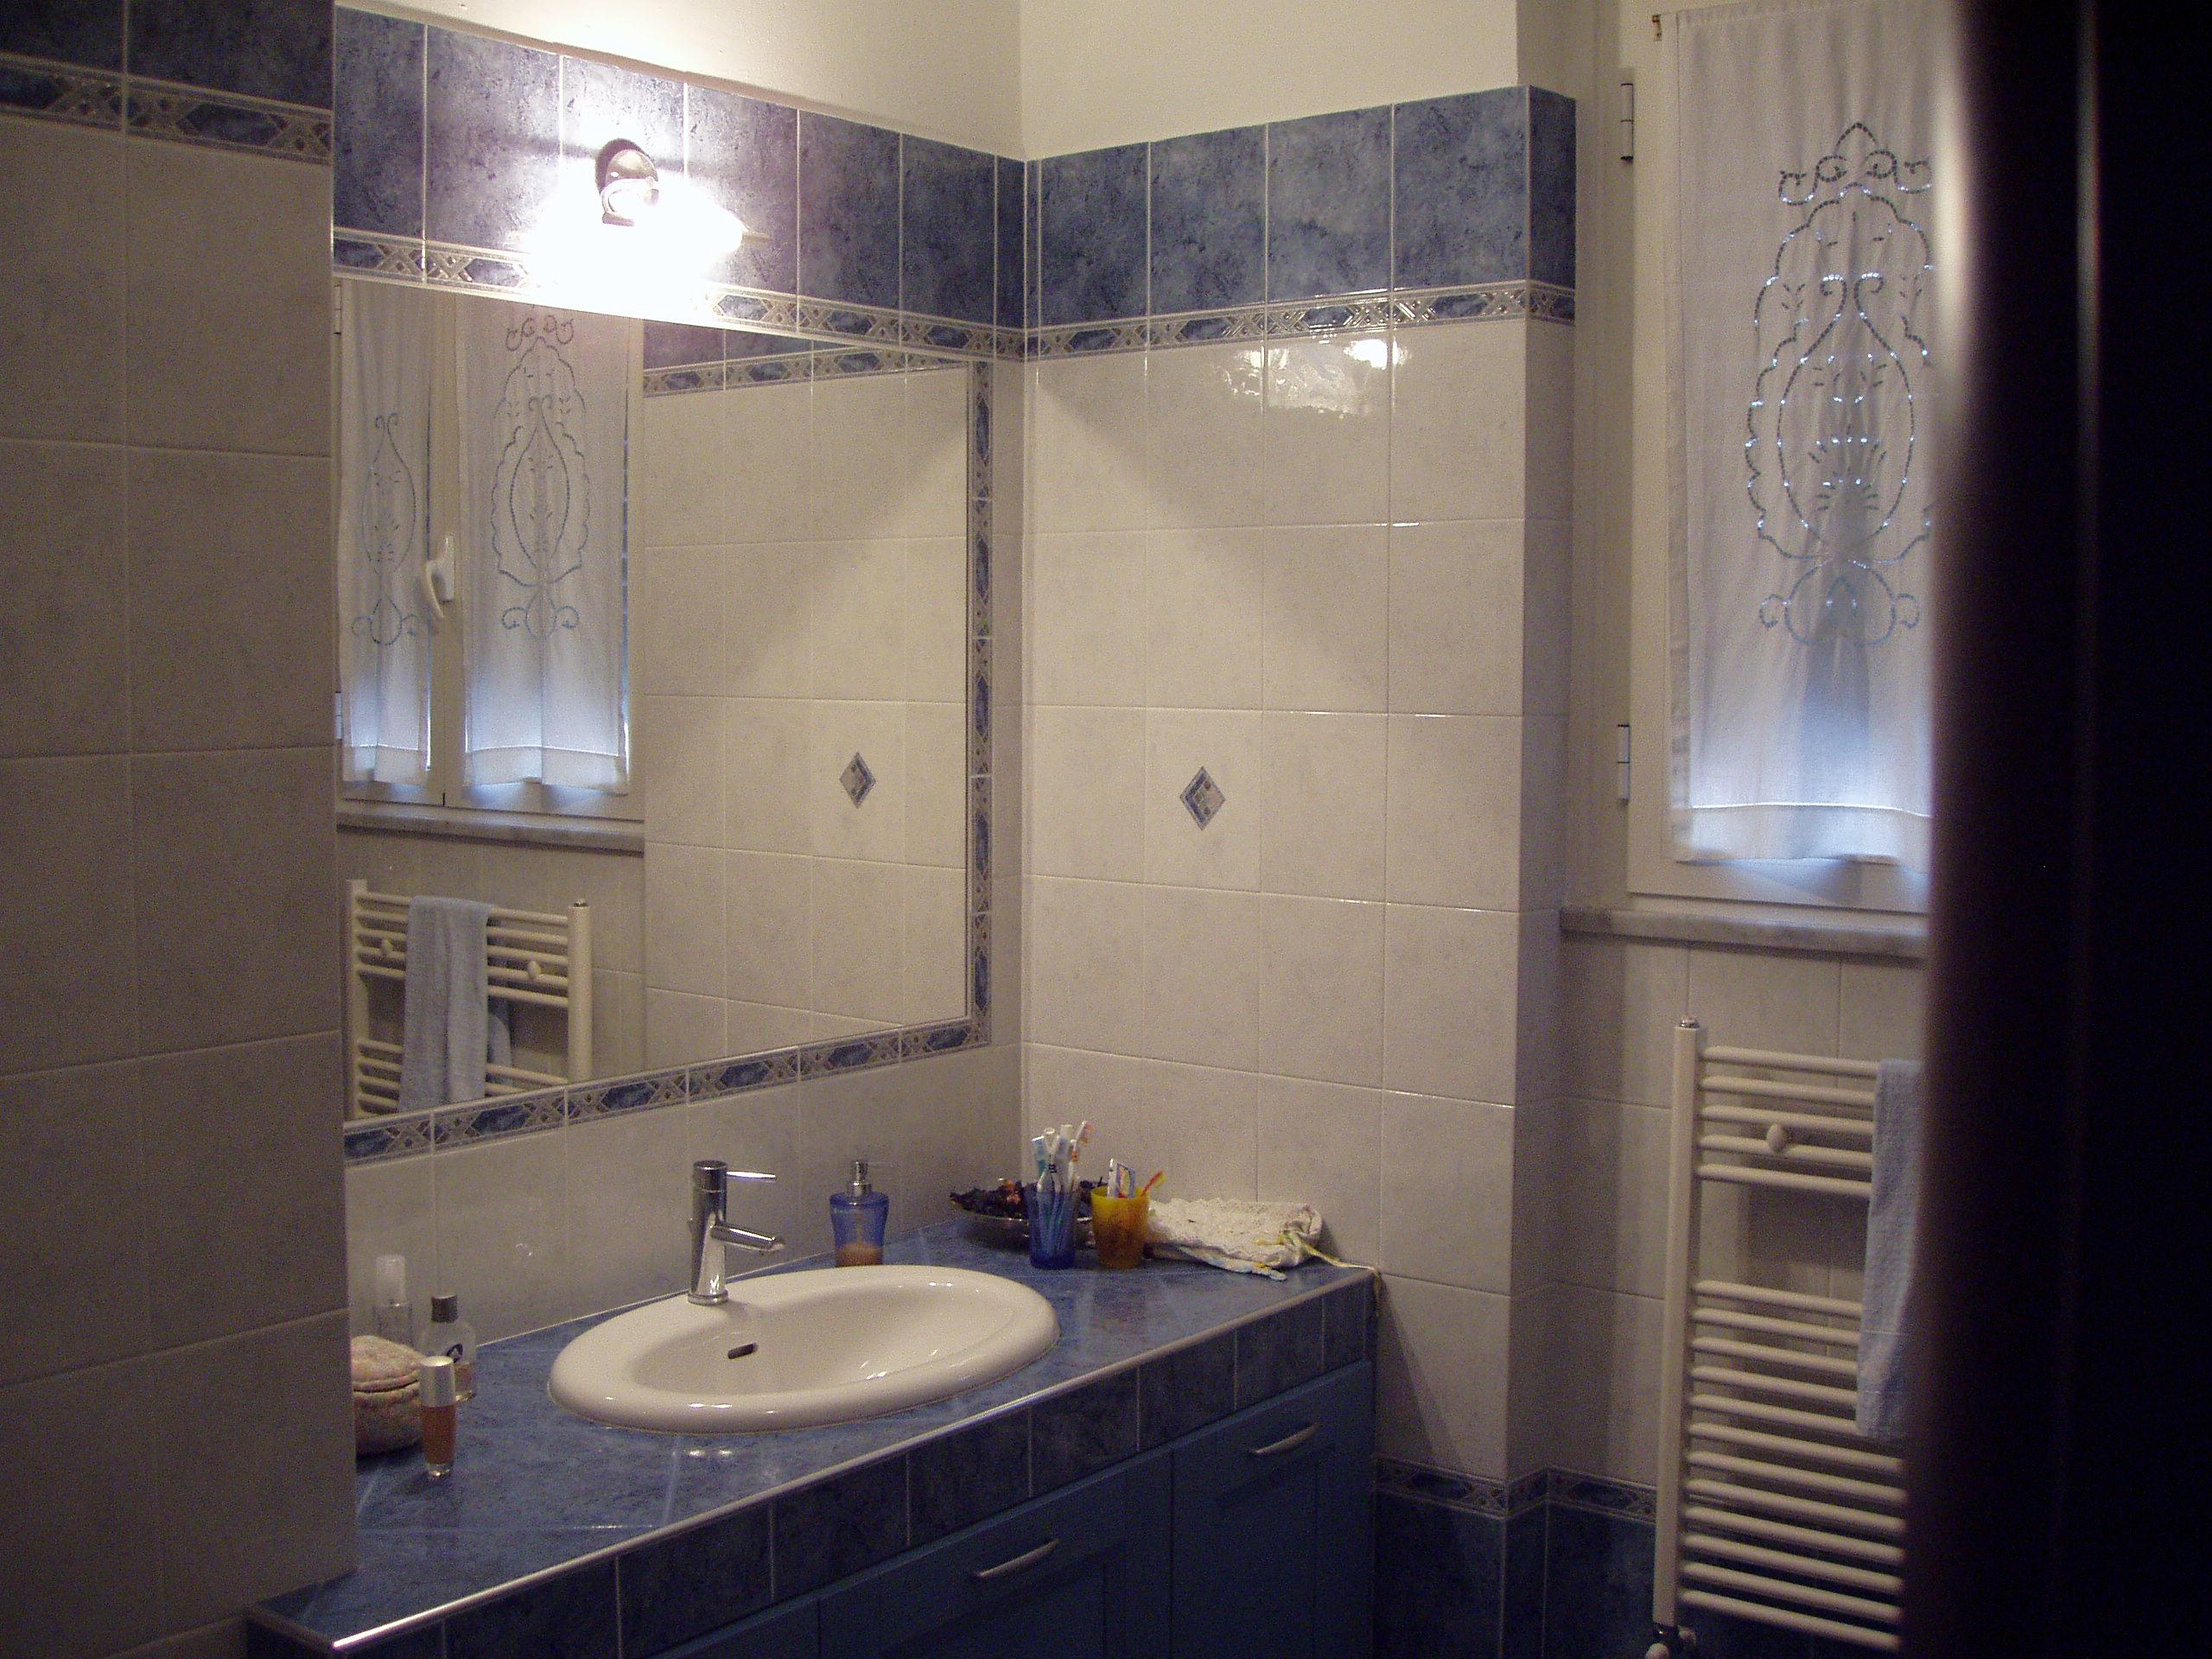 Super specchio bagno incassato nelle piastrelle vp11 - Specchio in bagno ...